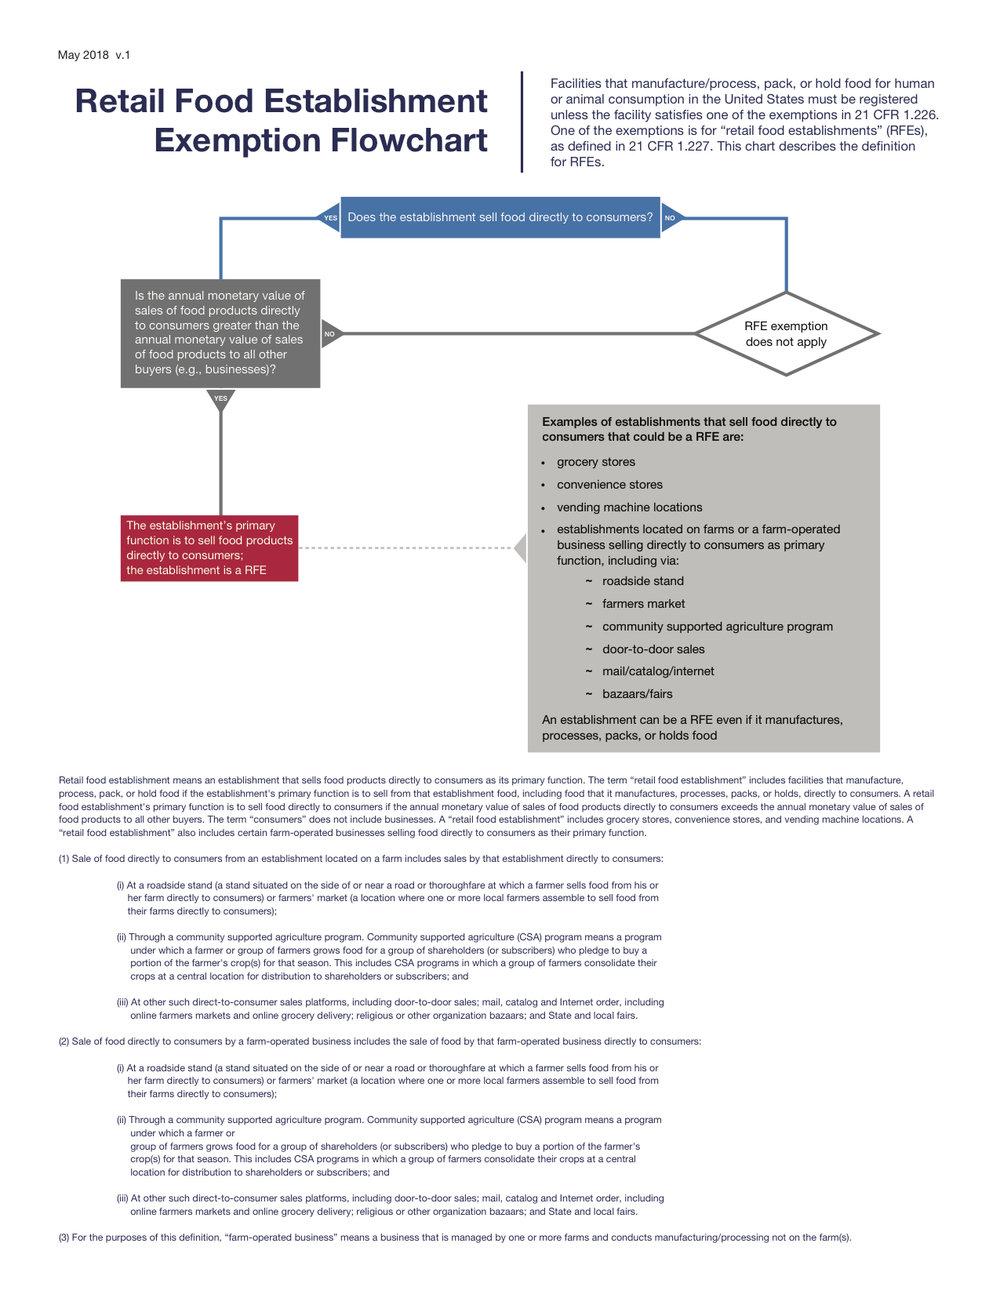 Retail Exemption Applicability Flowchart